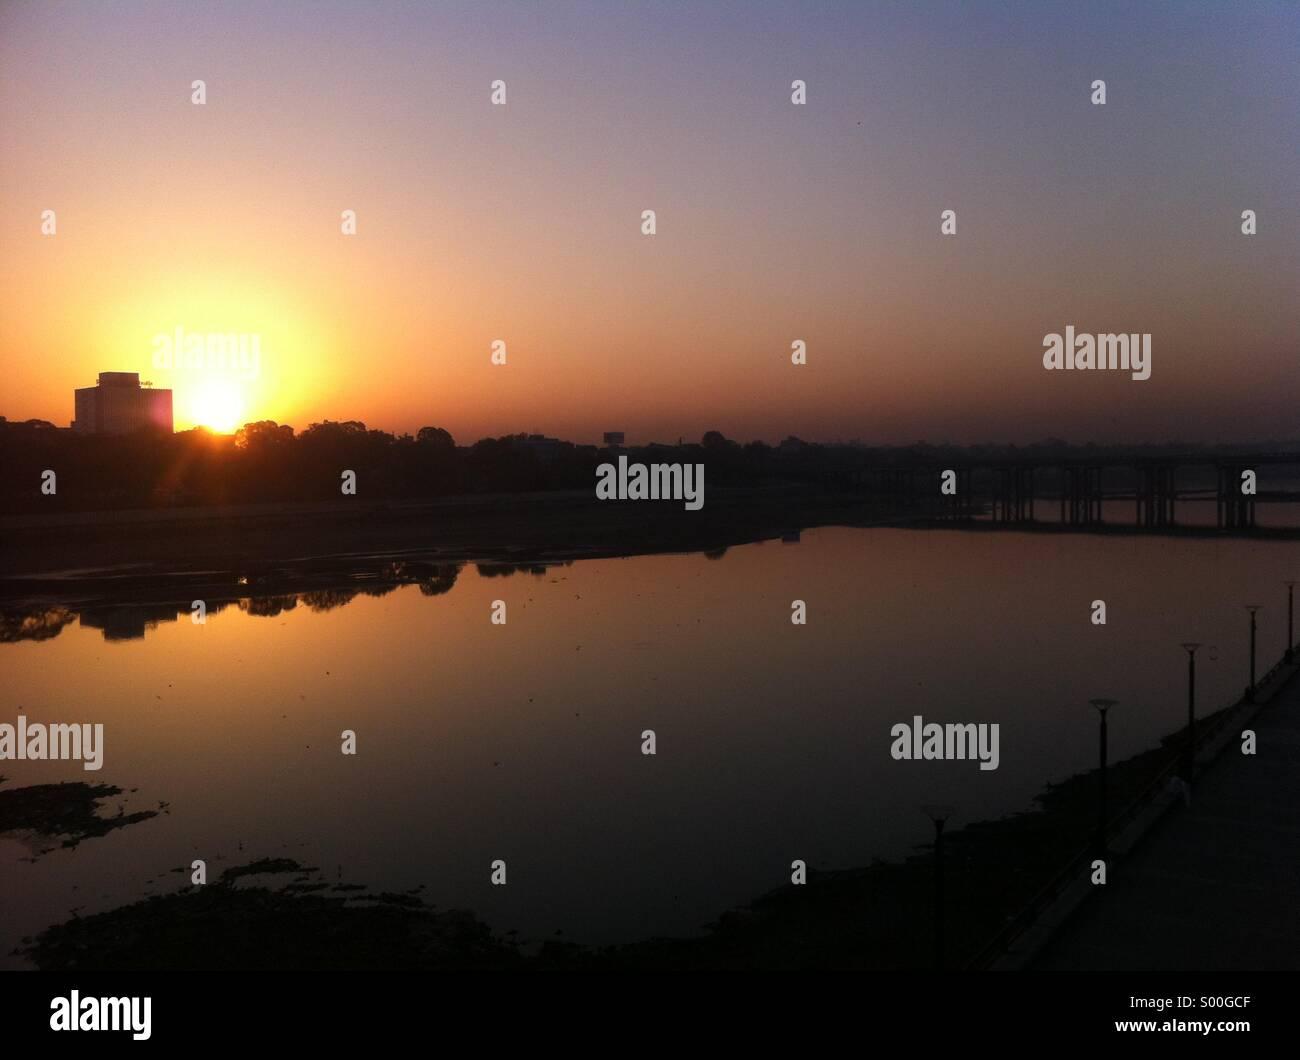 Sunrise at India - Stock Image